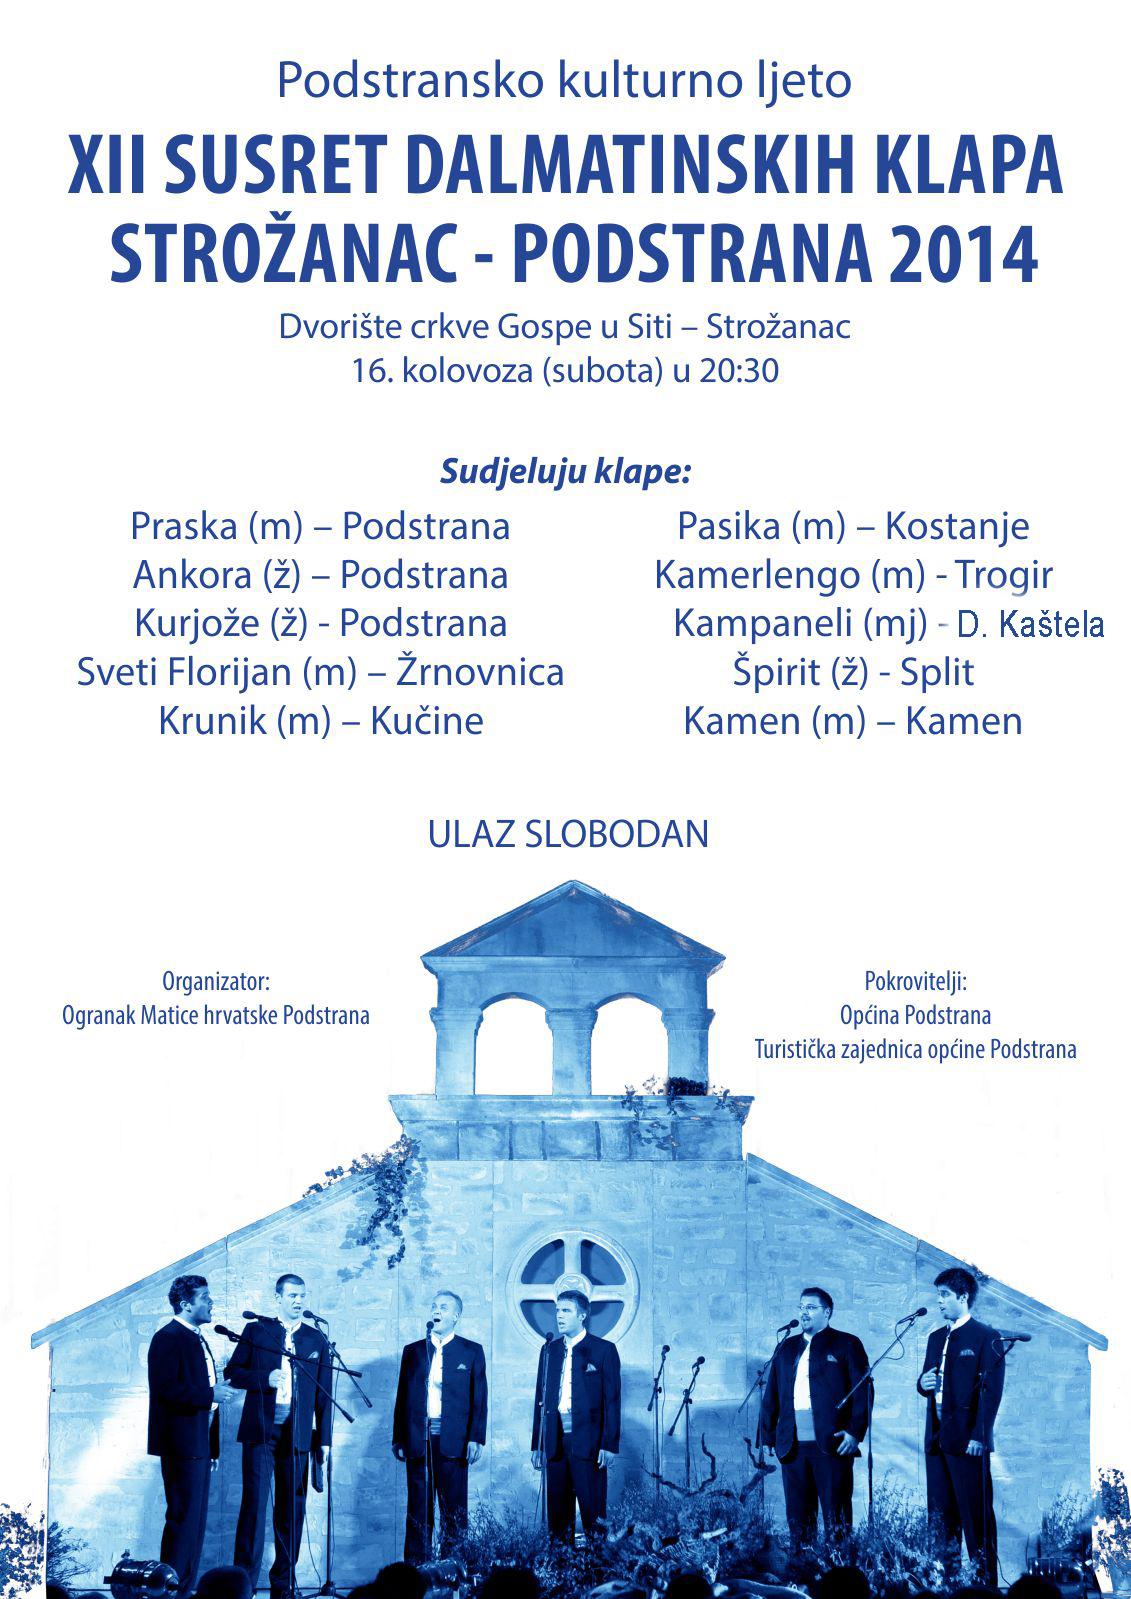 XII susret dalmatinksih klapi - Podstrana